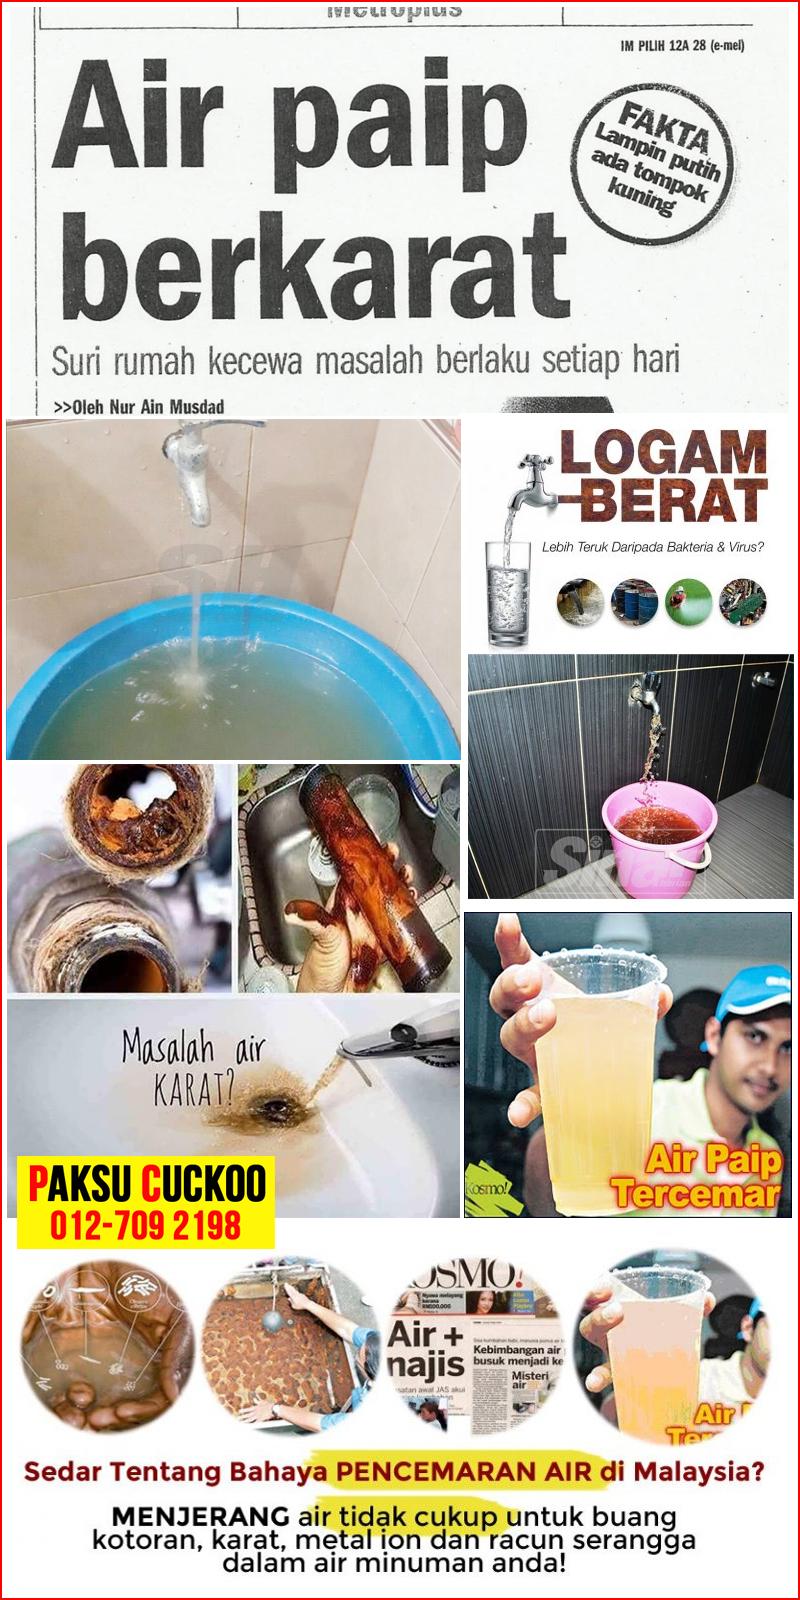 semua rumah di malaysia memerlukan cuckoo outdoor water purifier melaka mesin penulen air luar rumah untuk membersihkan air yang masuk ke dalam rumah bersih